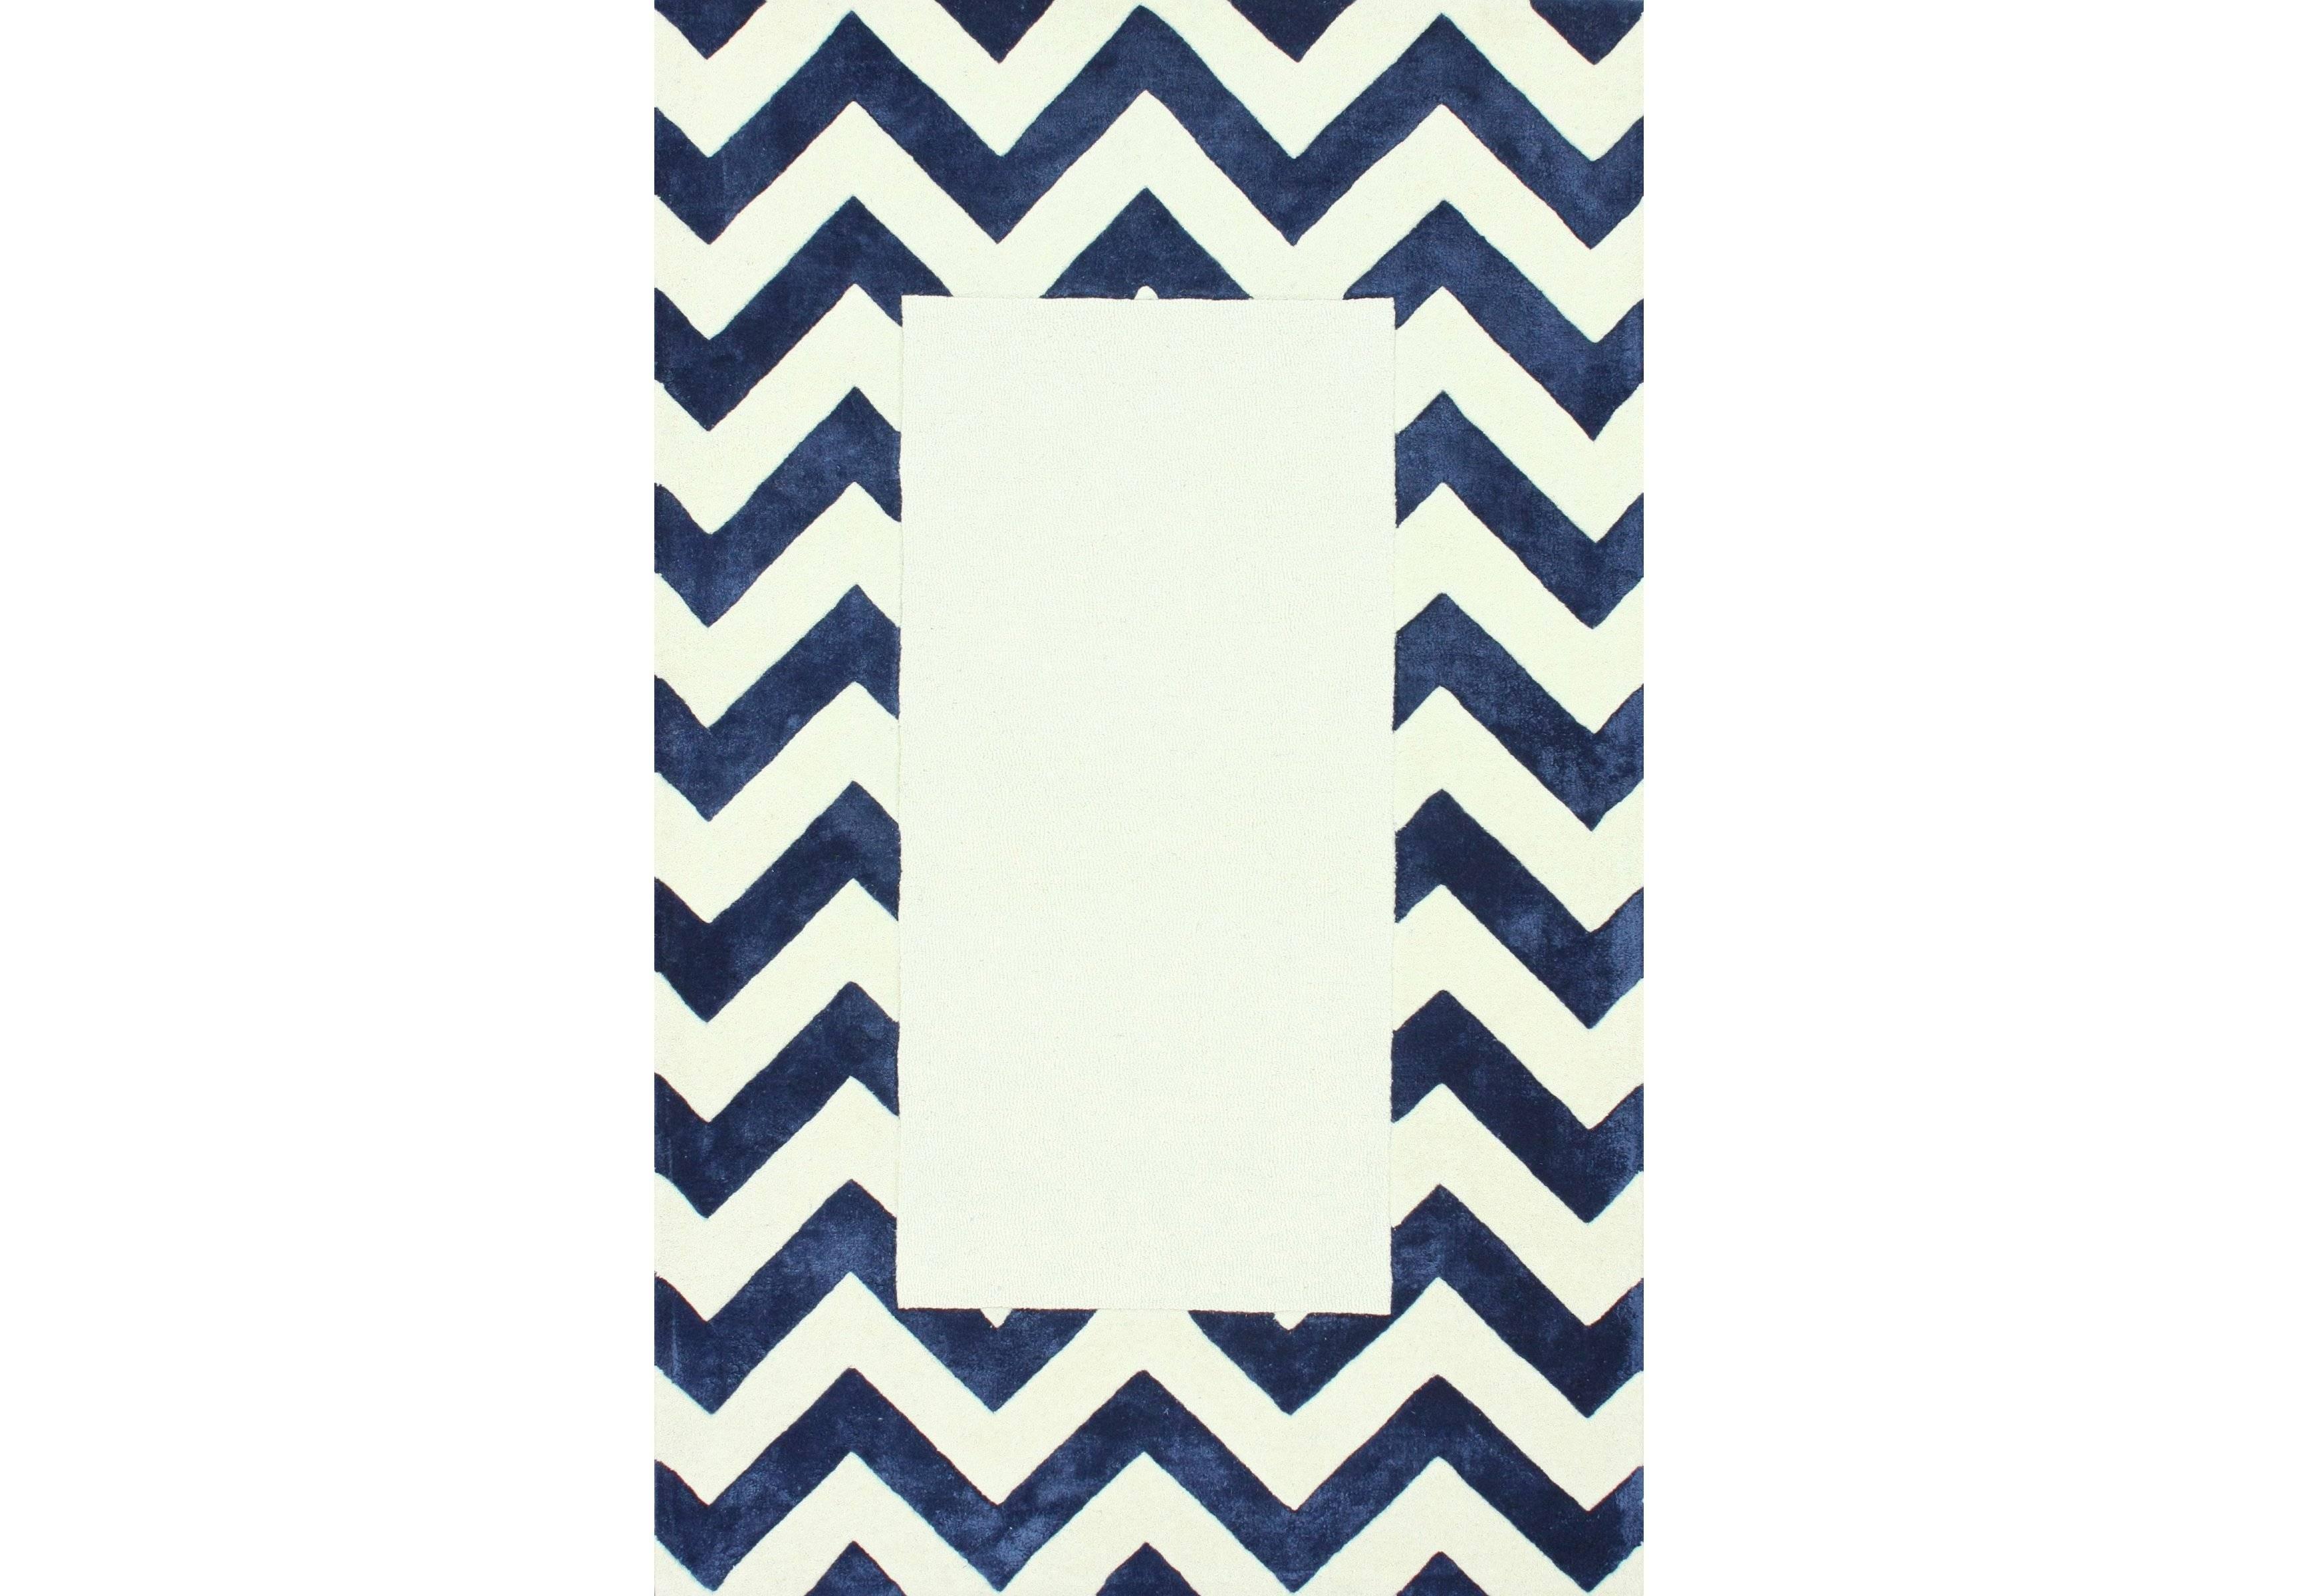 Ковер Zig-zag 400х300Прямоугольные ковры<br>Бело-синий ковер с рисунком зиг-заг (шеврон) искусно сочетает в себе модный рисунок и классику вне времени. Ковер с таким узором легко сделает современным, интерьер в любой комнате. Выполненный по технологии ручного тафтинга, из настоящей шерсти — придаст тепла и мягкости вашим полам.&amp;amp;nbsp;&amp;lt;div&amp;gt;&amp;lt;br&amp;gt;&amp;lt;/div&amp;gt;&amp;lt;div&amp;gt;Ковер может быть изготовлен в любом из широкого спектра цветов: серый, черный, светло-голубой, бежевый, горчичный, синий, голубой, темно-синий, зеленый, кремовый, розовый, оранжевый.&amp;lt;/div&amp;gt;<br><br>Material: Шерсть<br>Ширина см: 300<br>Глубина см: 400